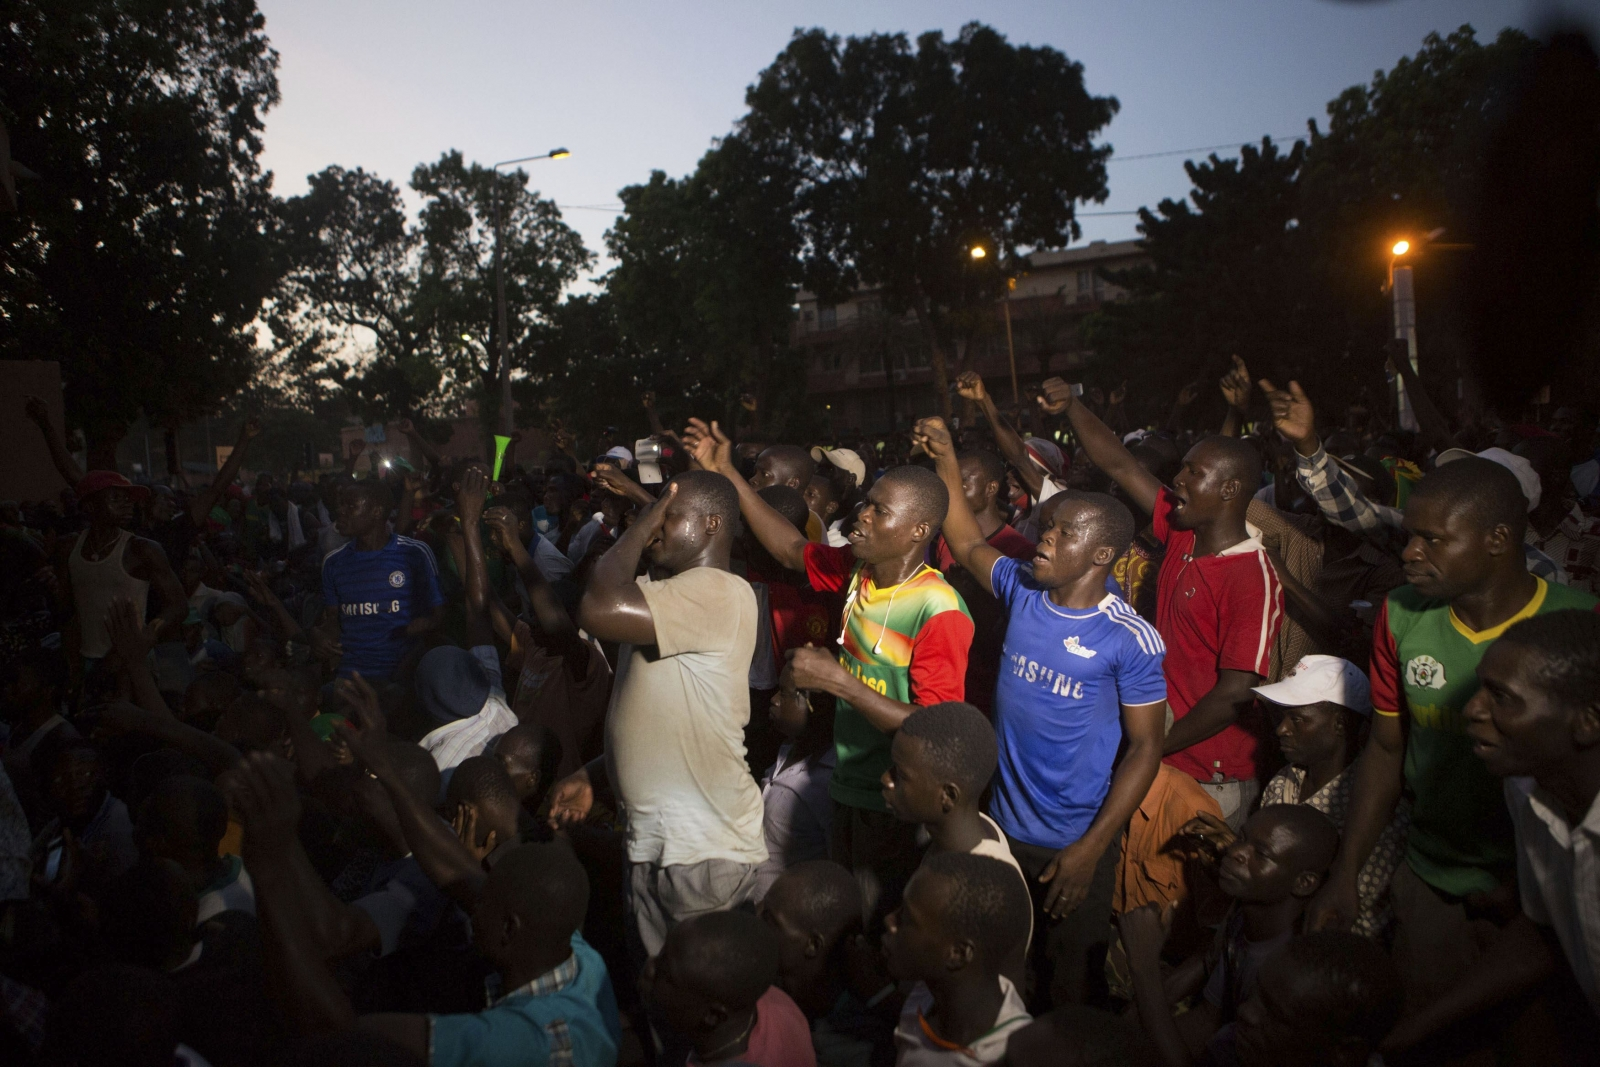 Burkina Faso President Blaise Compaoré Defiant as Army Seizes Control